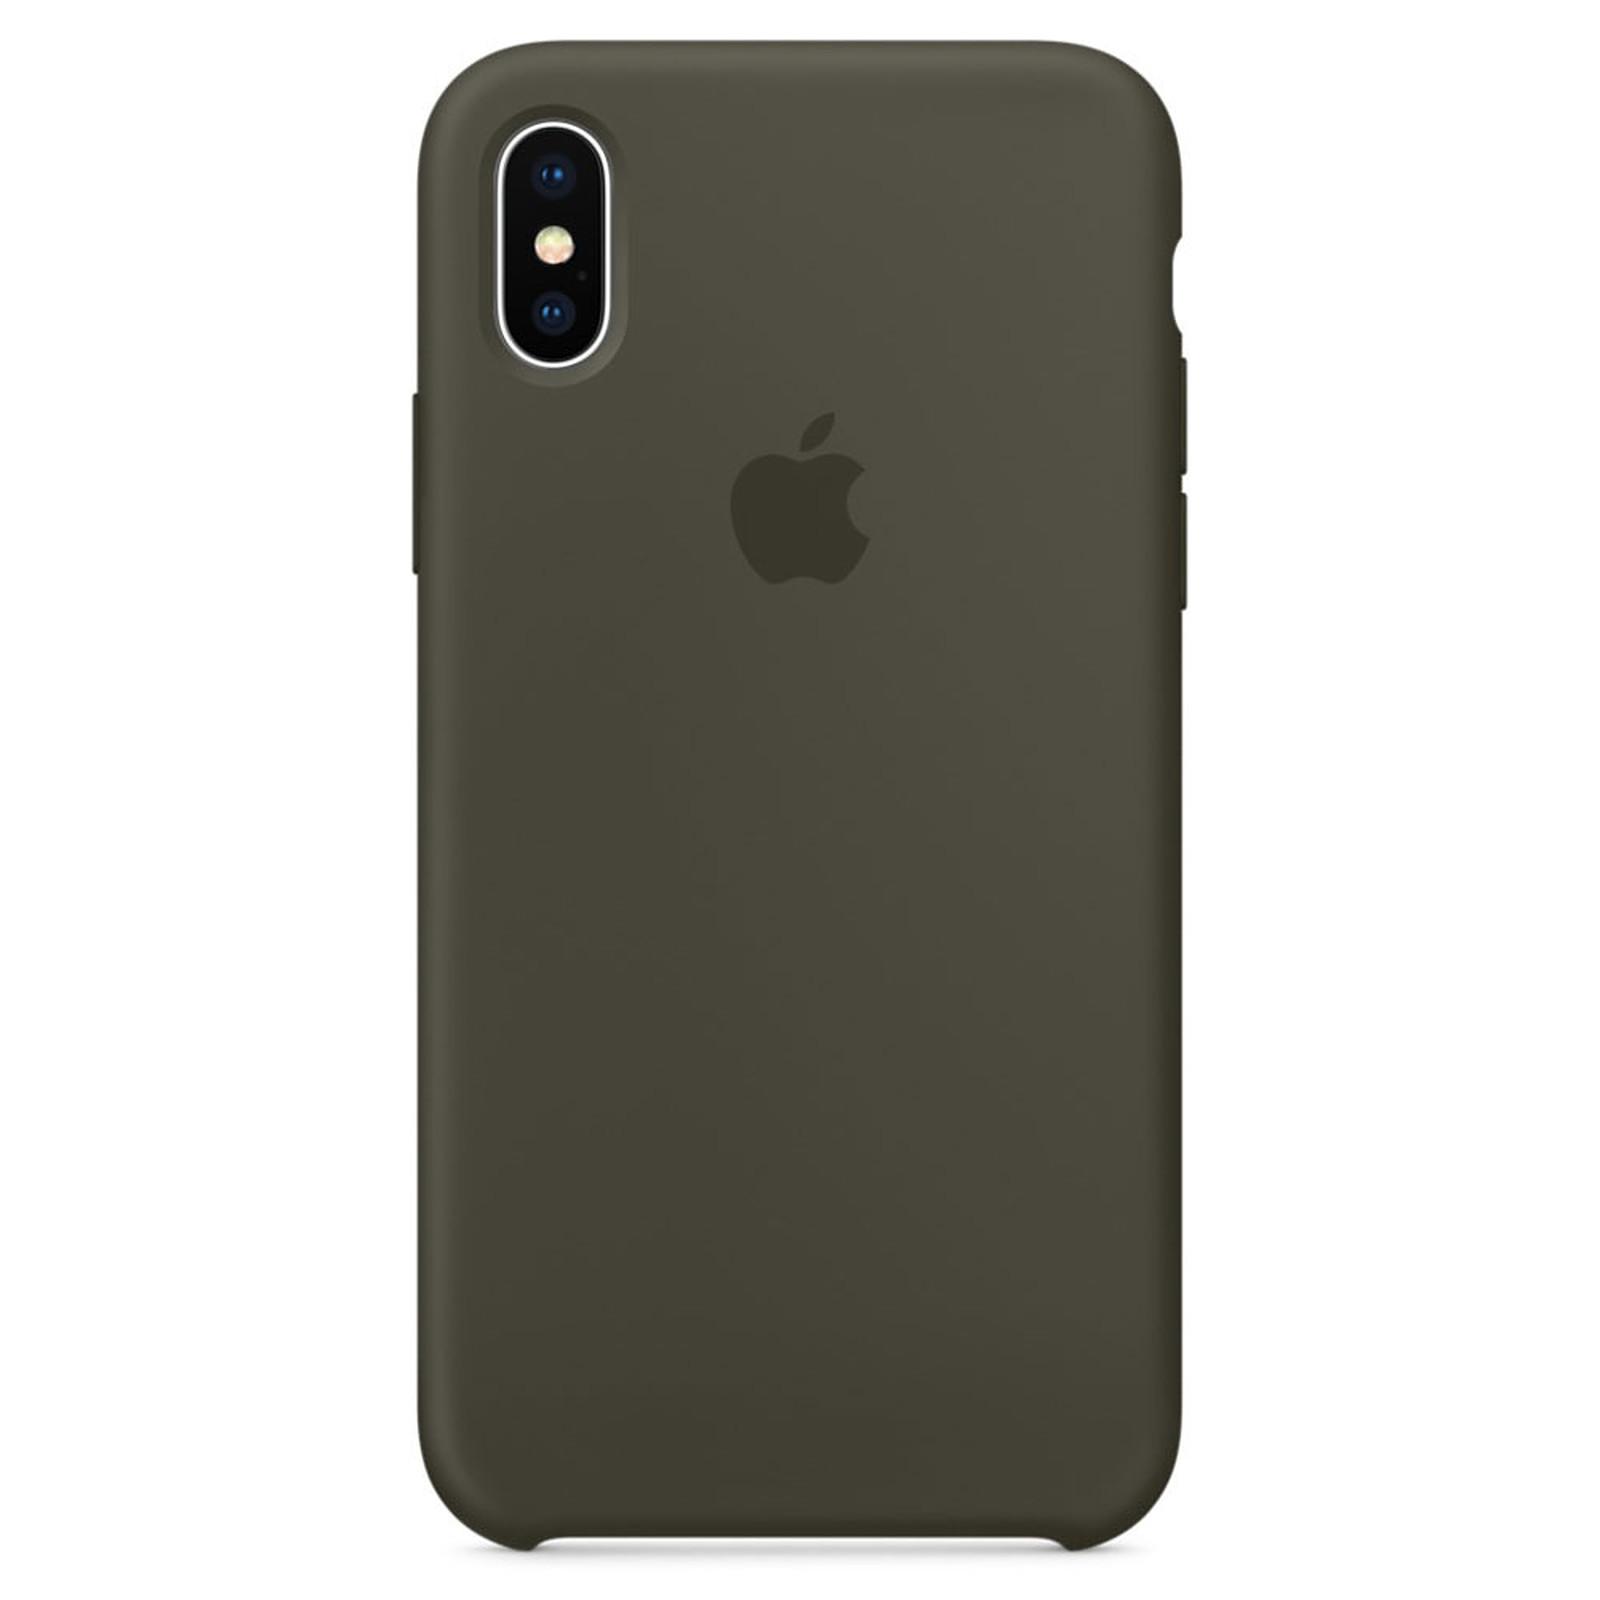 Apple Coque en silicone Olive sombre Apple iPhone X - Coque ...